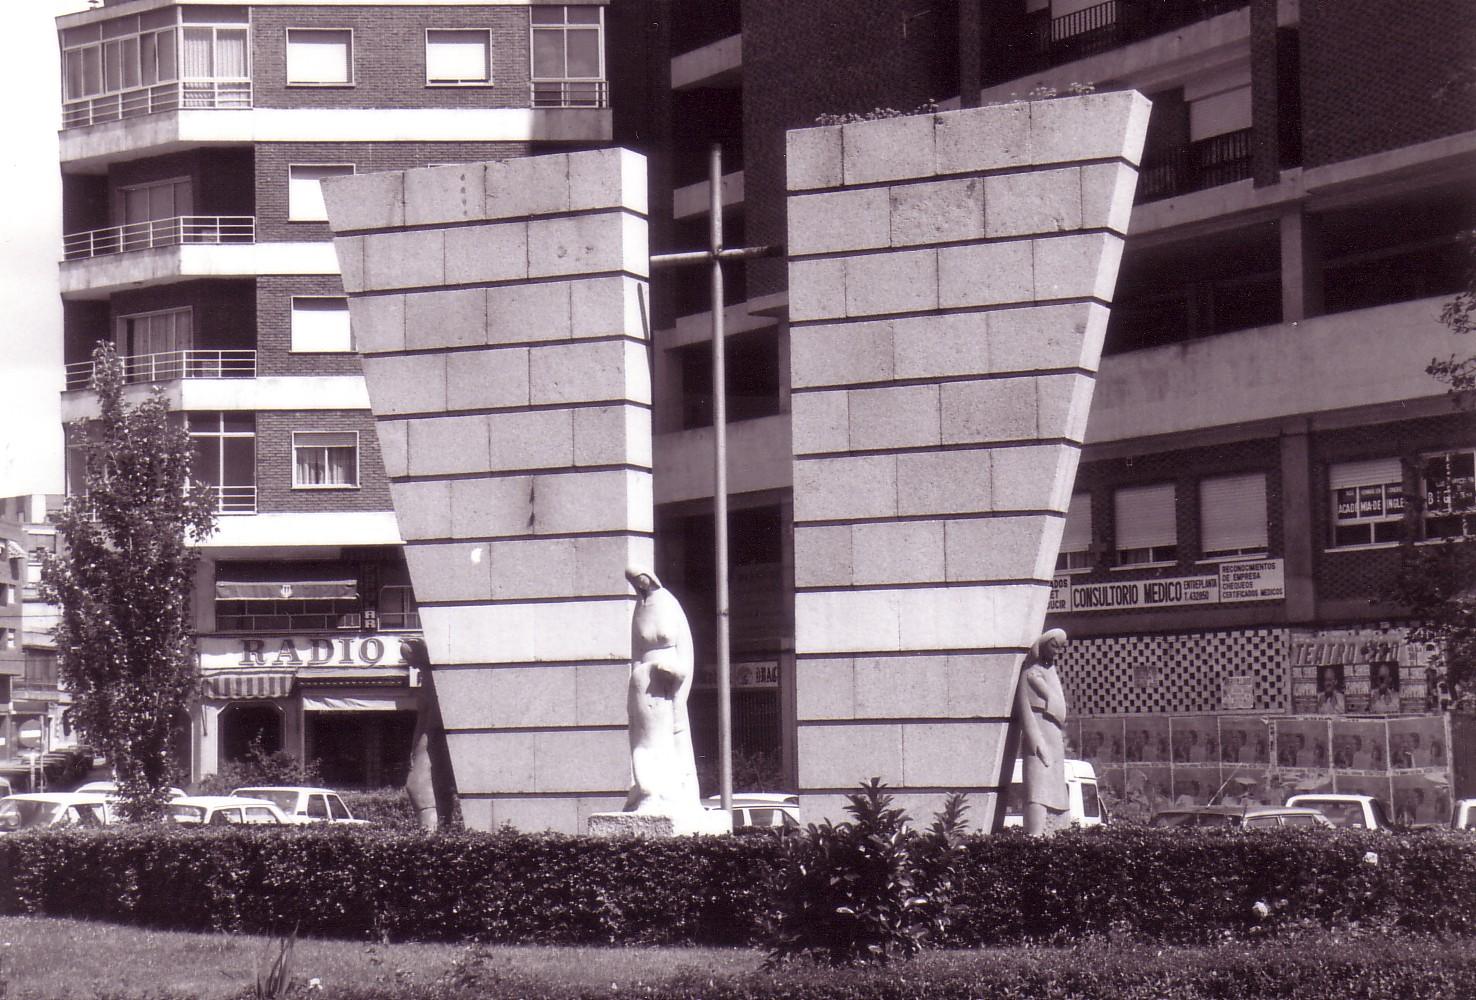 Monumento a los caídos en el trabajo 1986. Fotografía Negrete